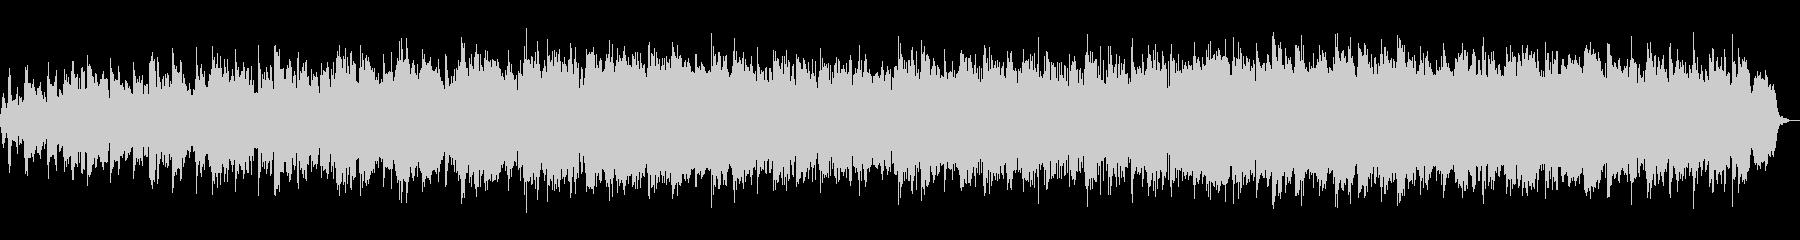 生フルート!パッヘルベルのカノン、弦楽の未再生の波形